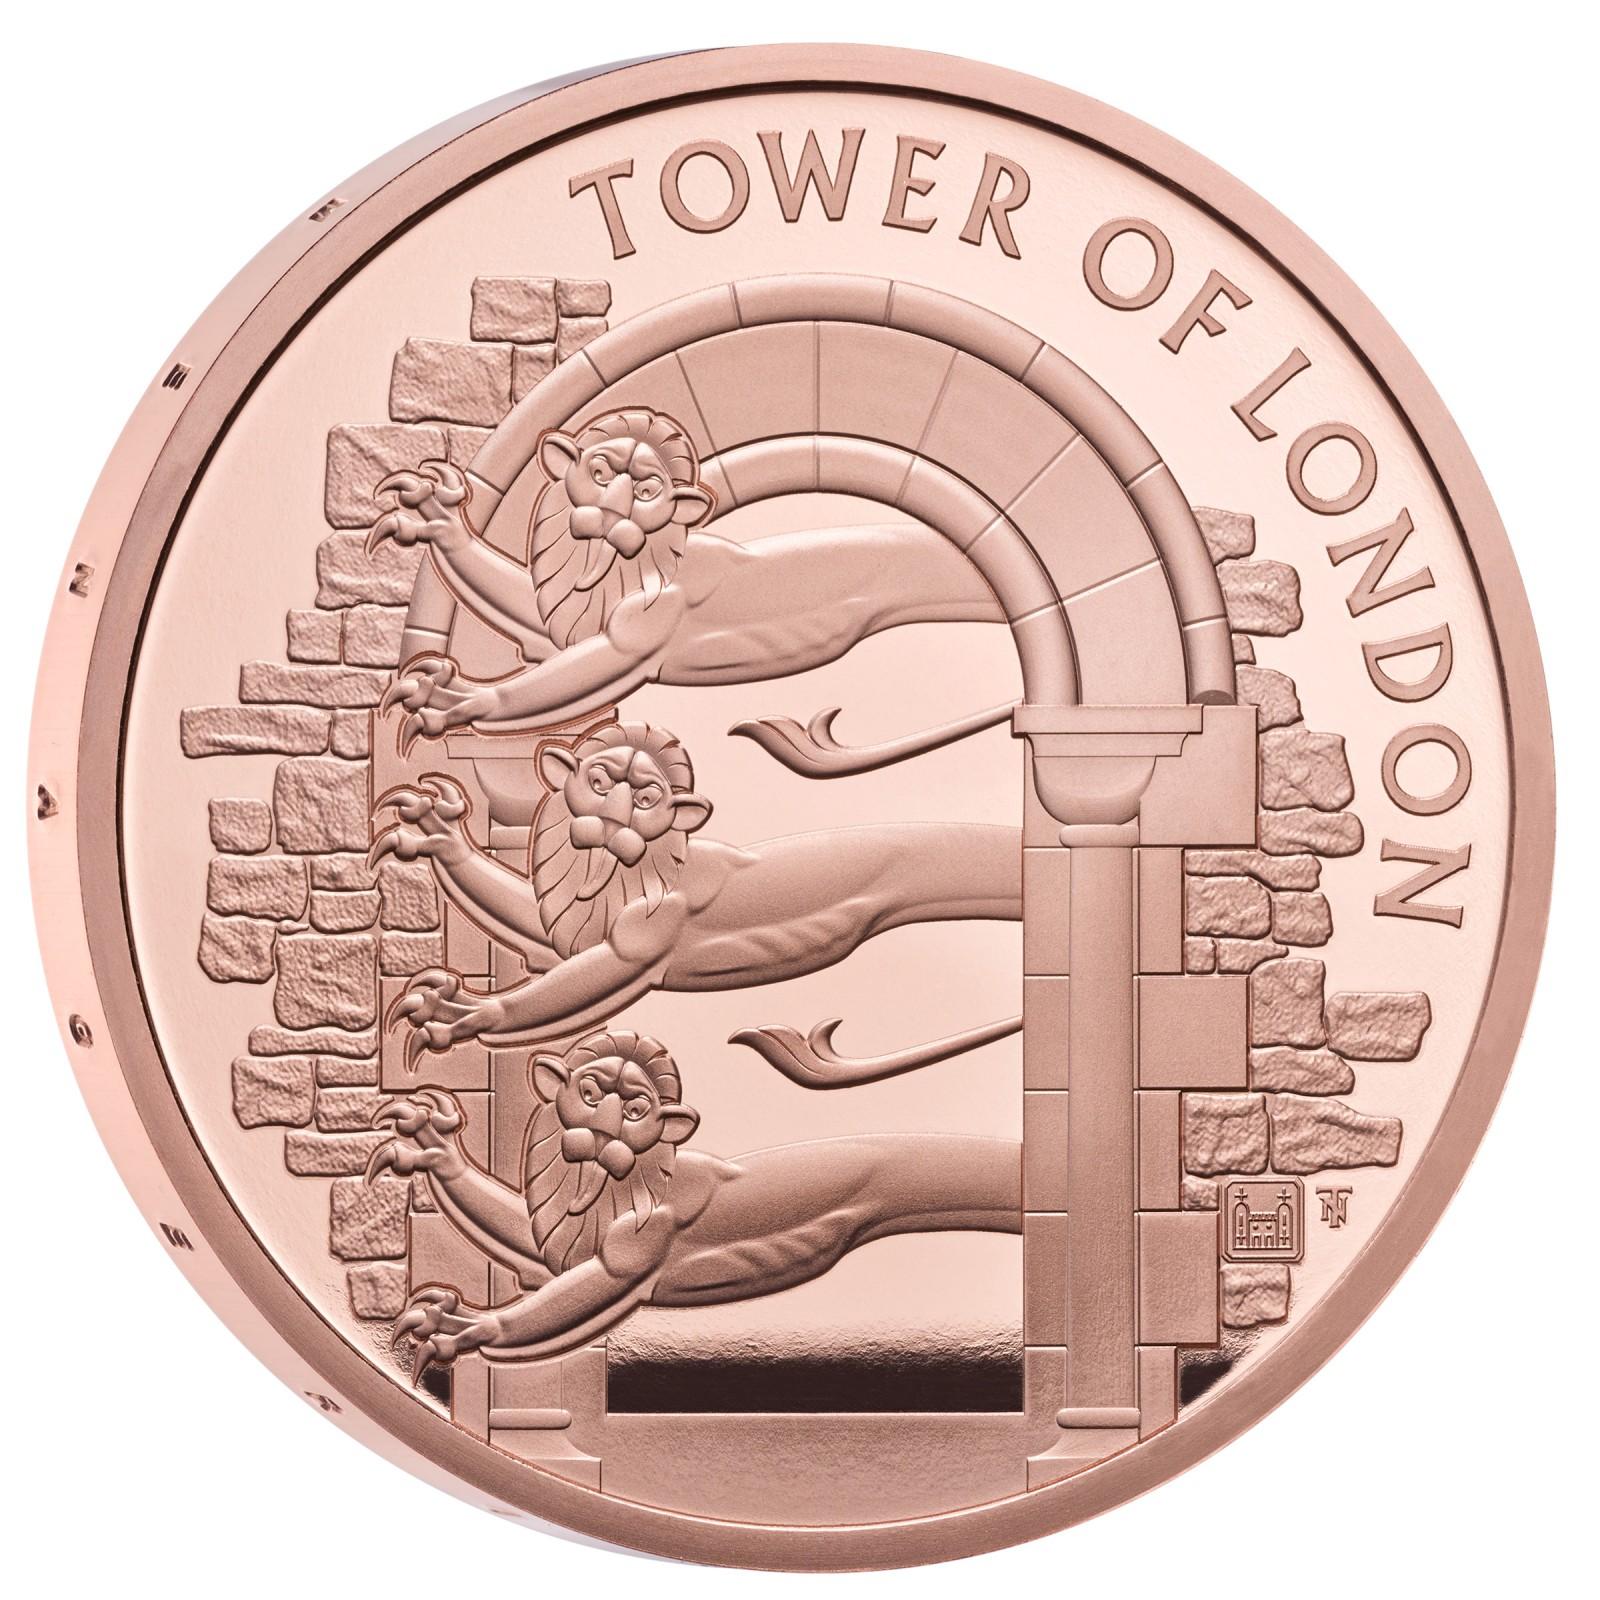 Lieferumfang:Großbritannien : 5 Pfund Der Tower von London – Die königliche Menagerie  2020 PP